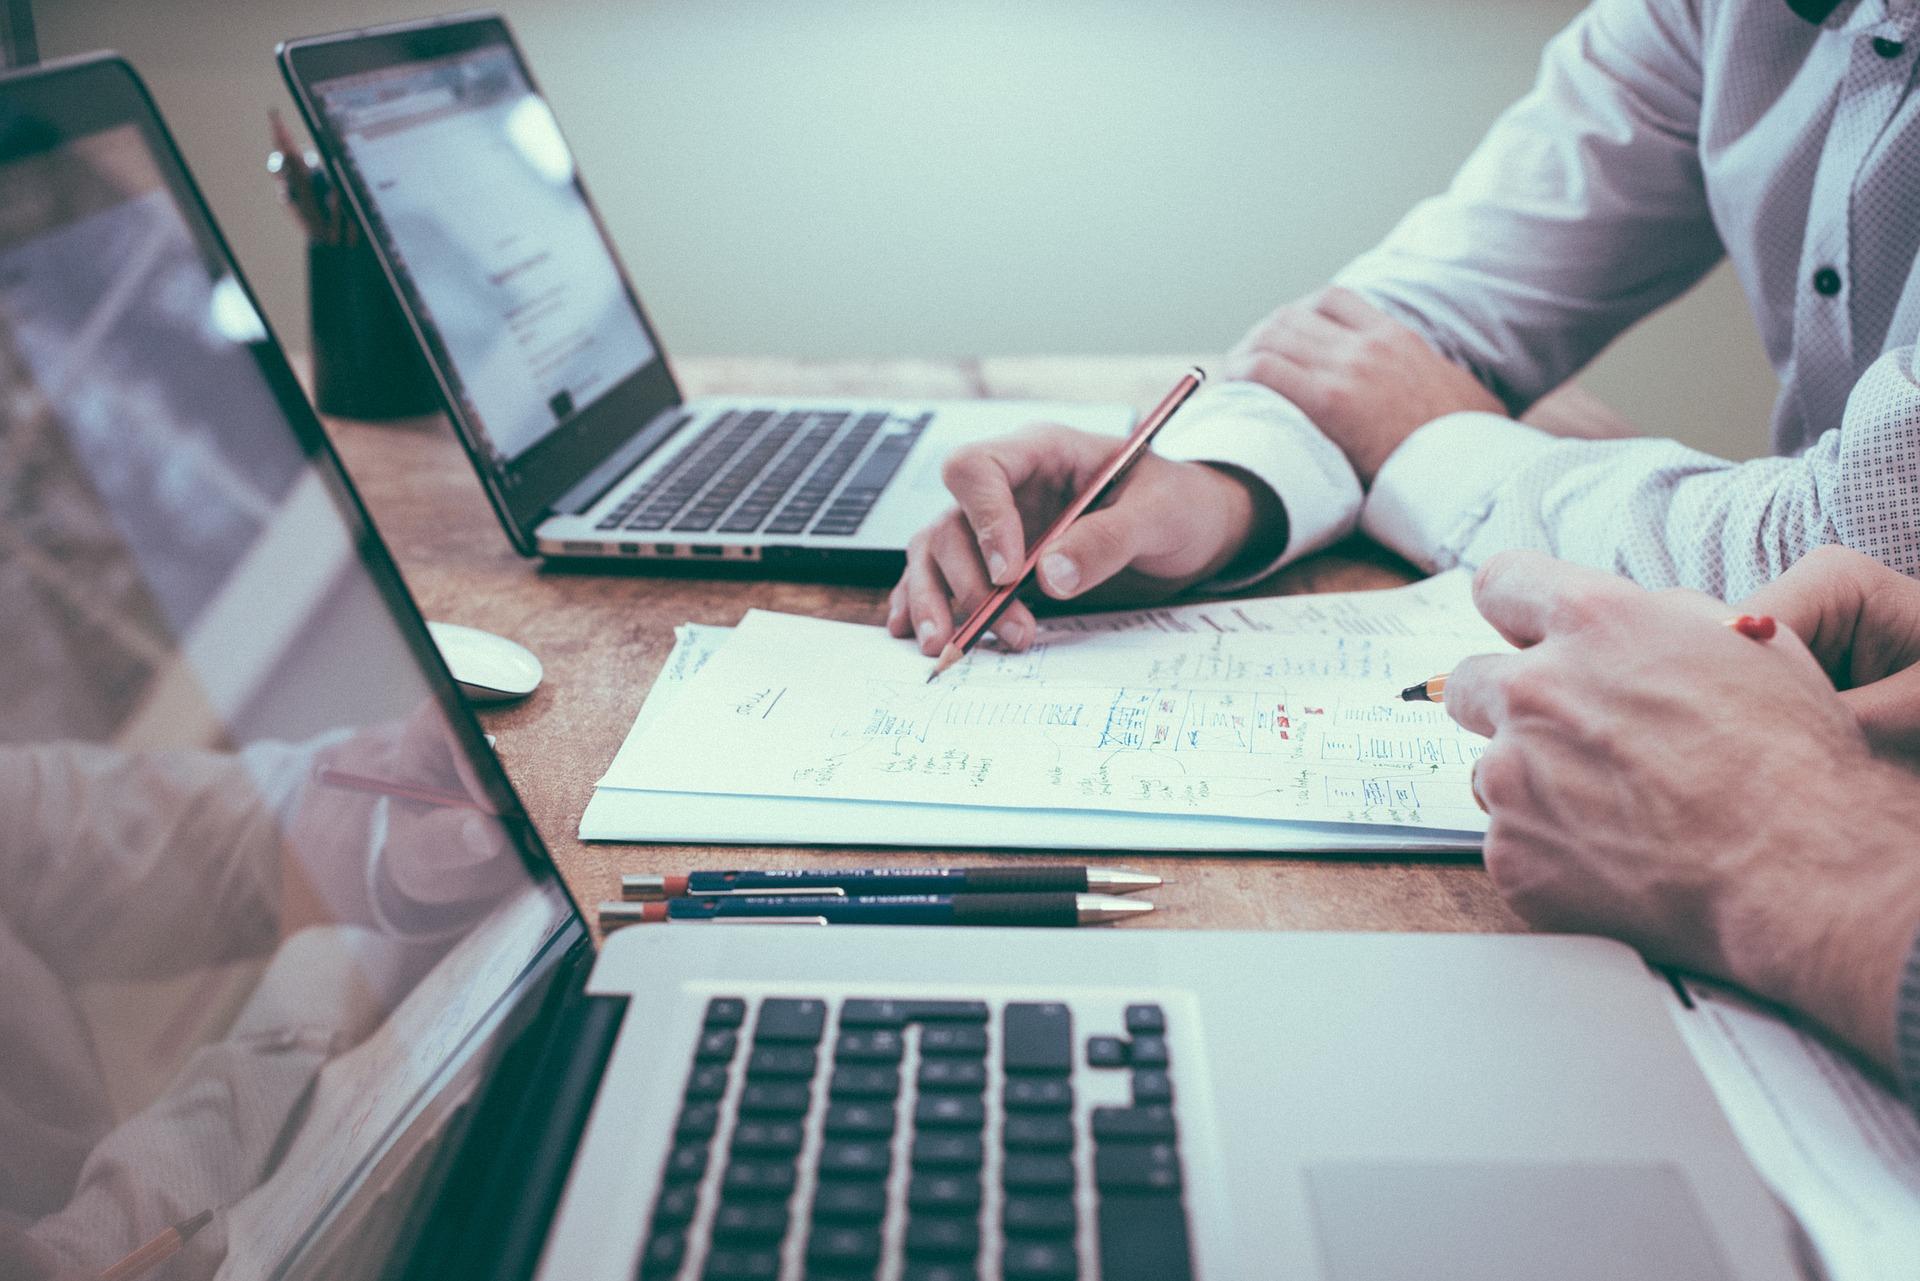 RVS verslo konsultacijos